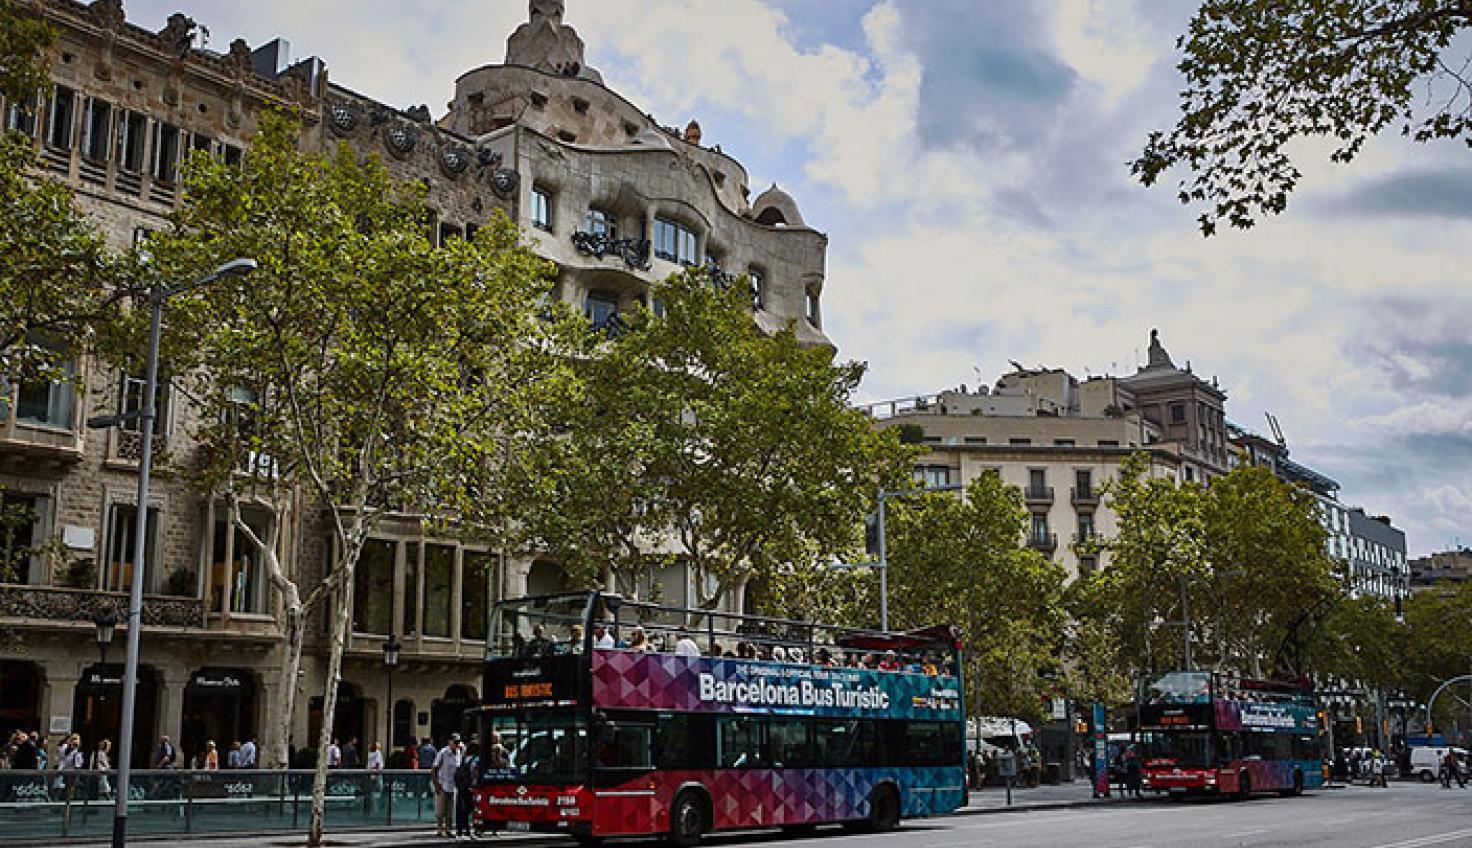 Parada Passeig de Gràcia - La Pedrera